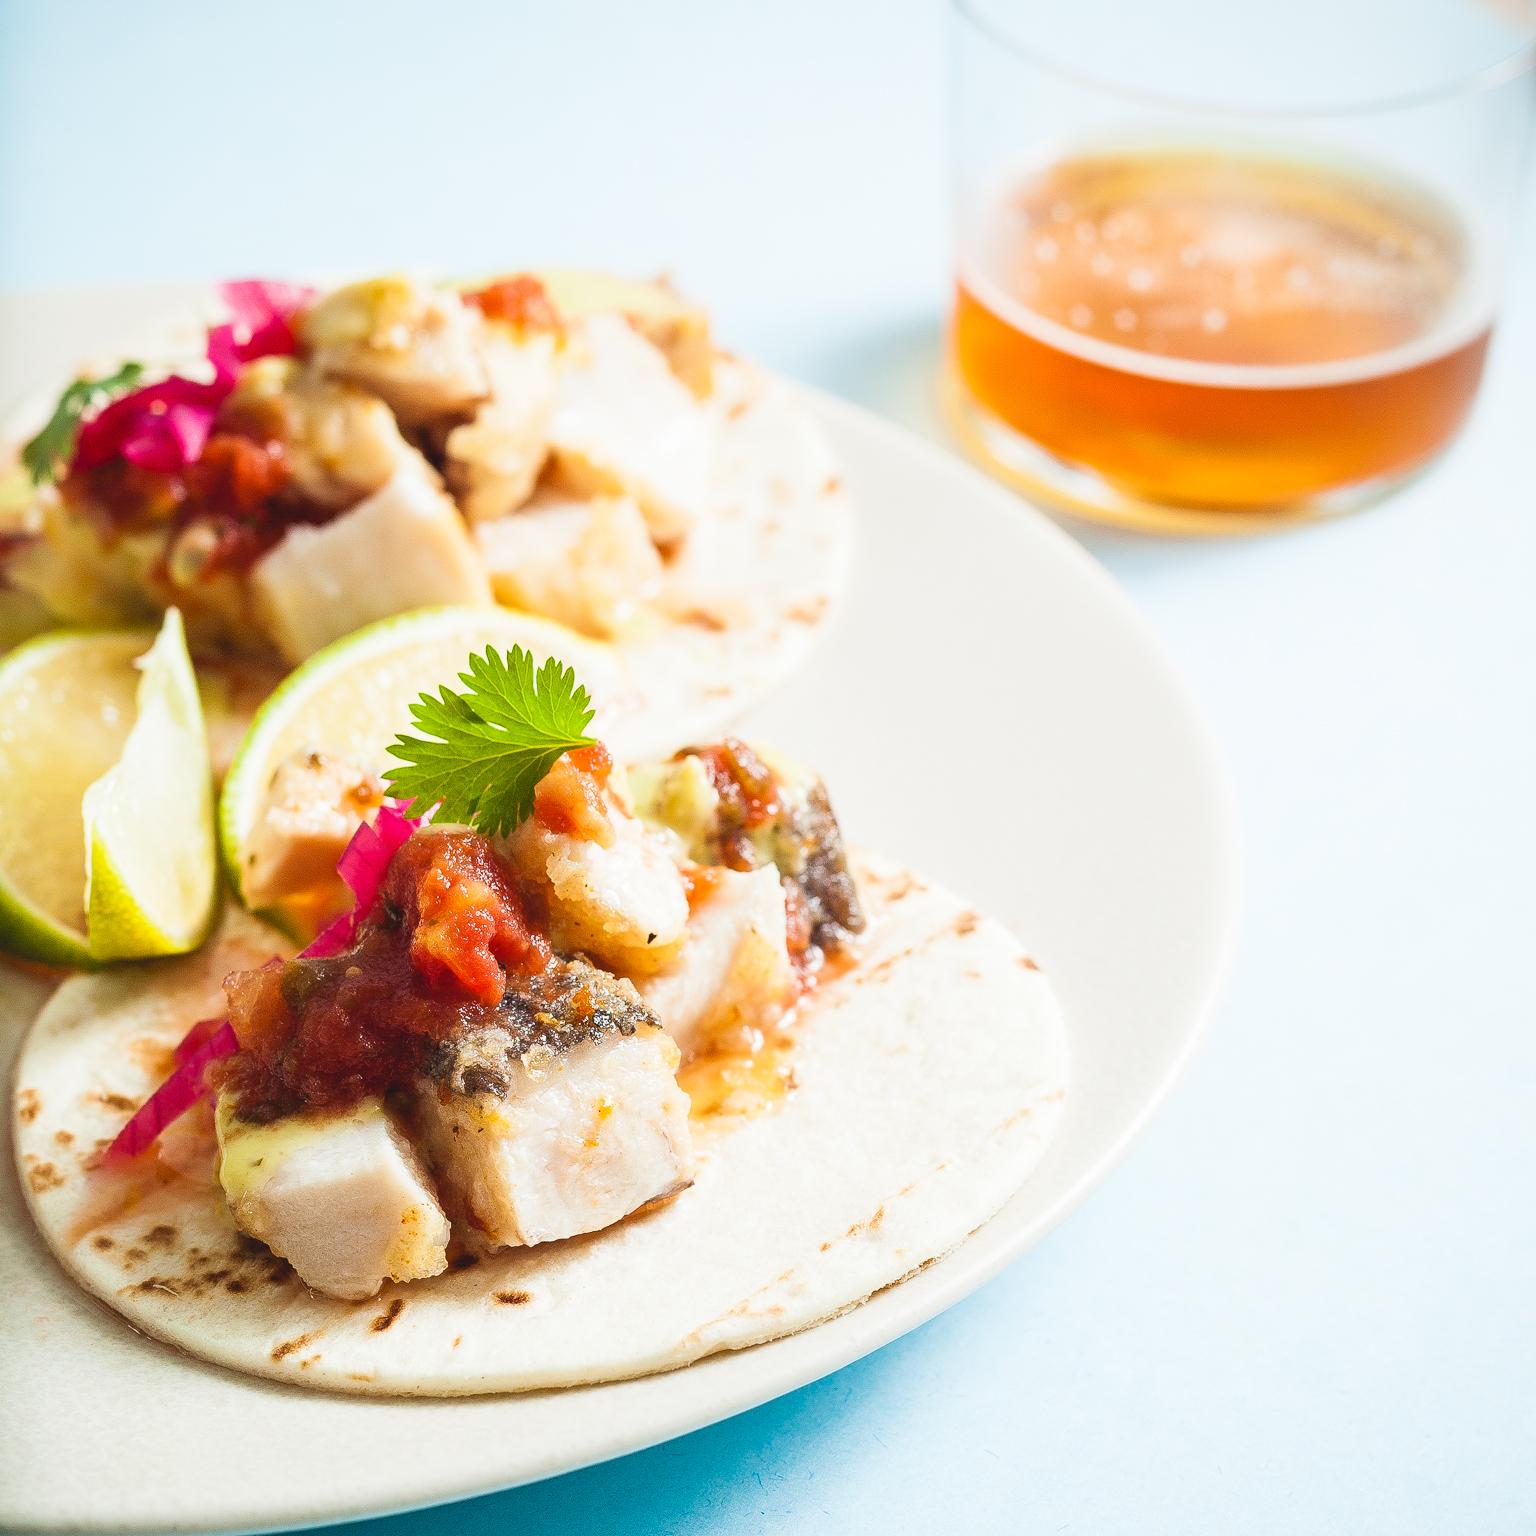 sous vide swordfish tacos. 54C 30min. @ thatothercookingblog.com